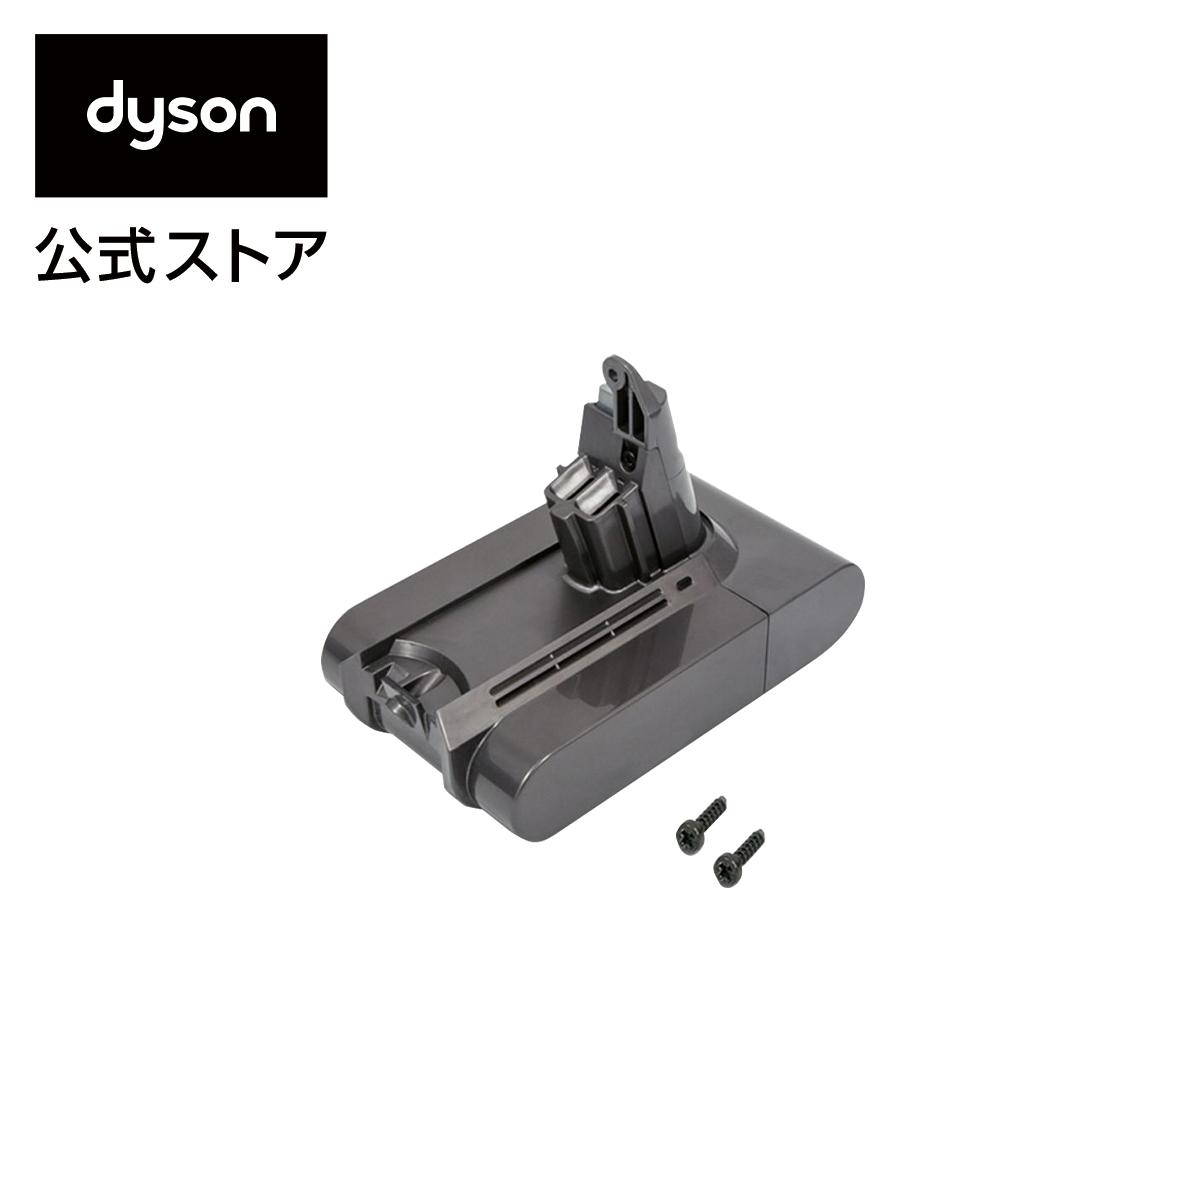 ダイソン V6 直営ストア DC74 DC62 Dyson 交換バッテリー 大注目 DC61シリーズ専用